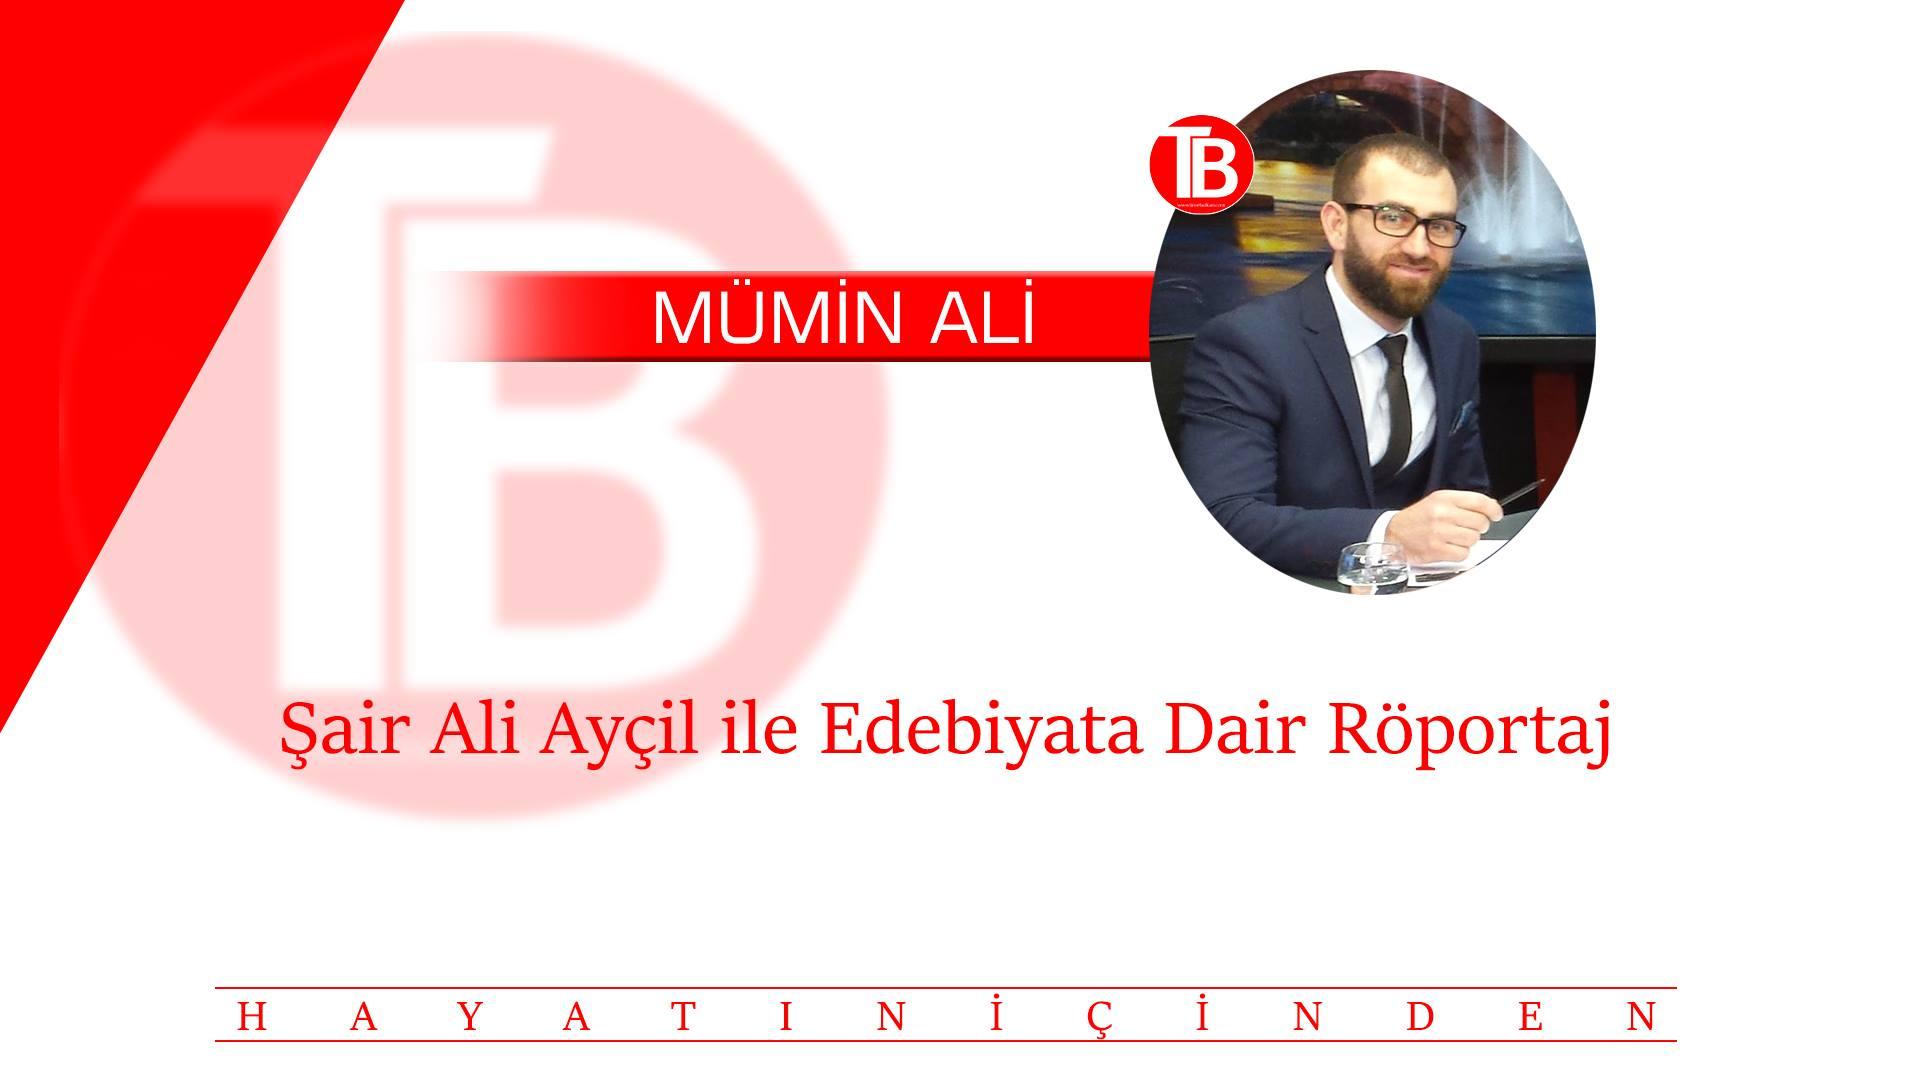 Şair Ali Ayçil ile Edebiyata Dair Röportaj